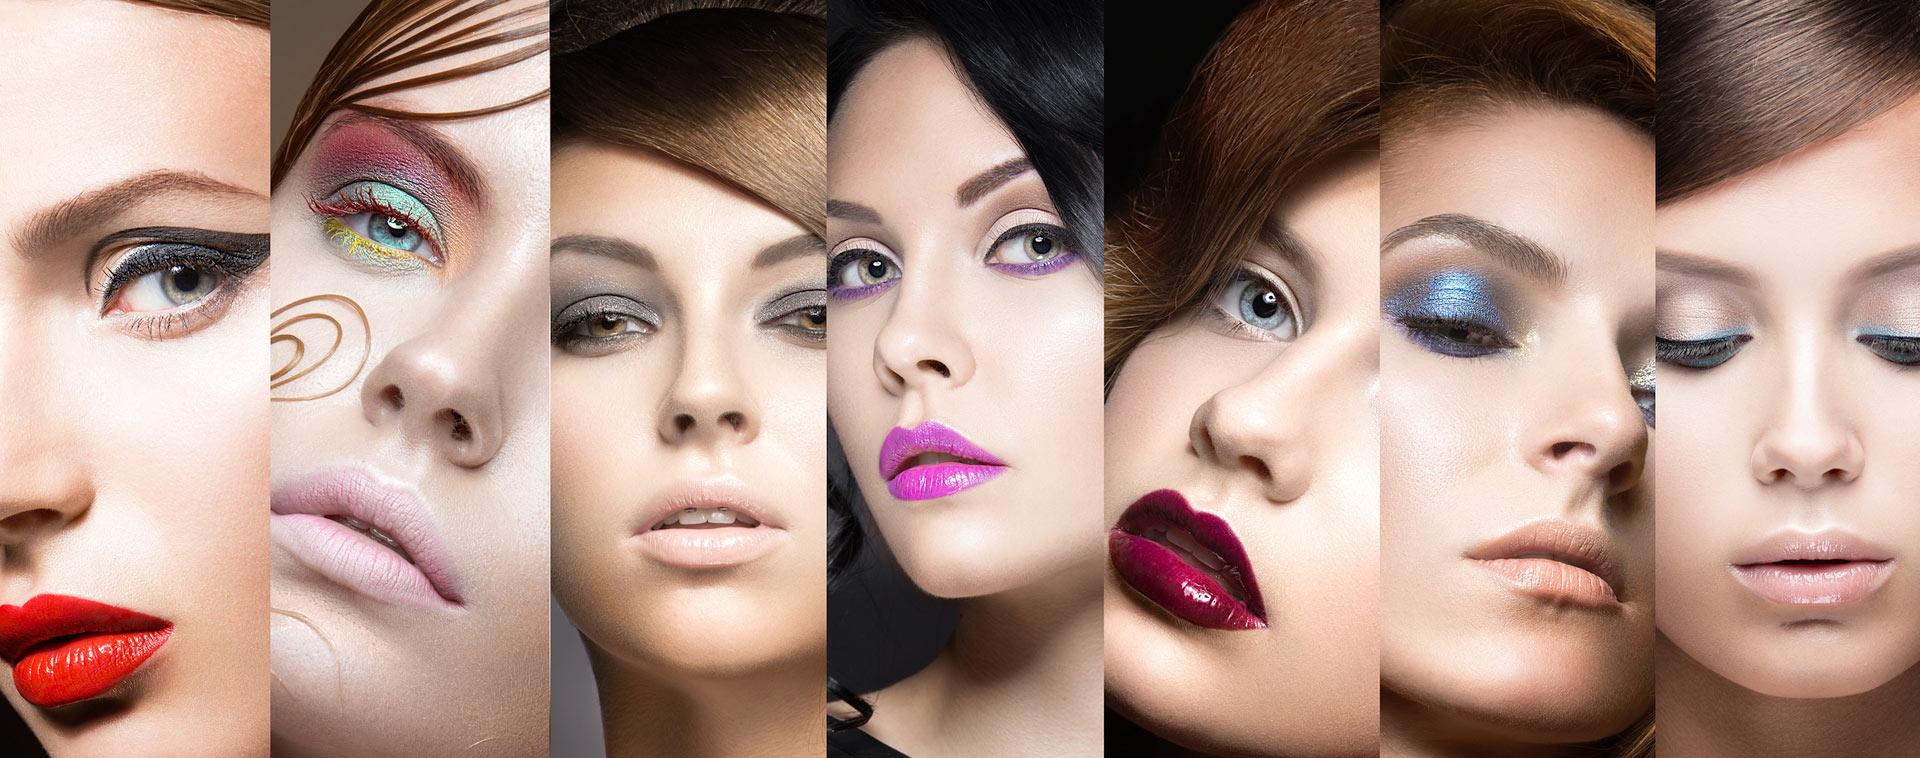 Salon kosmetyczny Zgierz - makijaż rzęsy henna